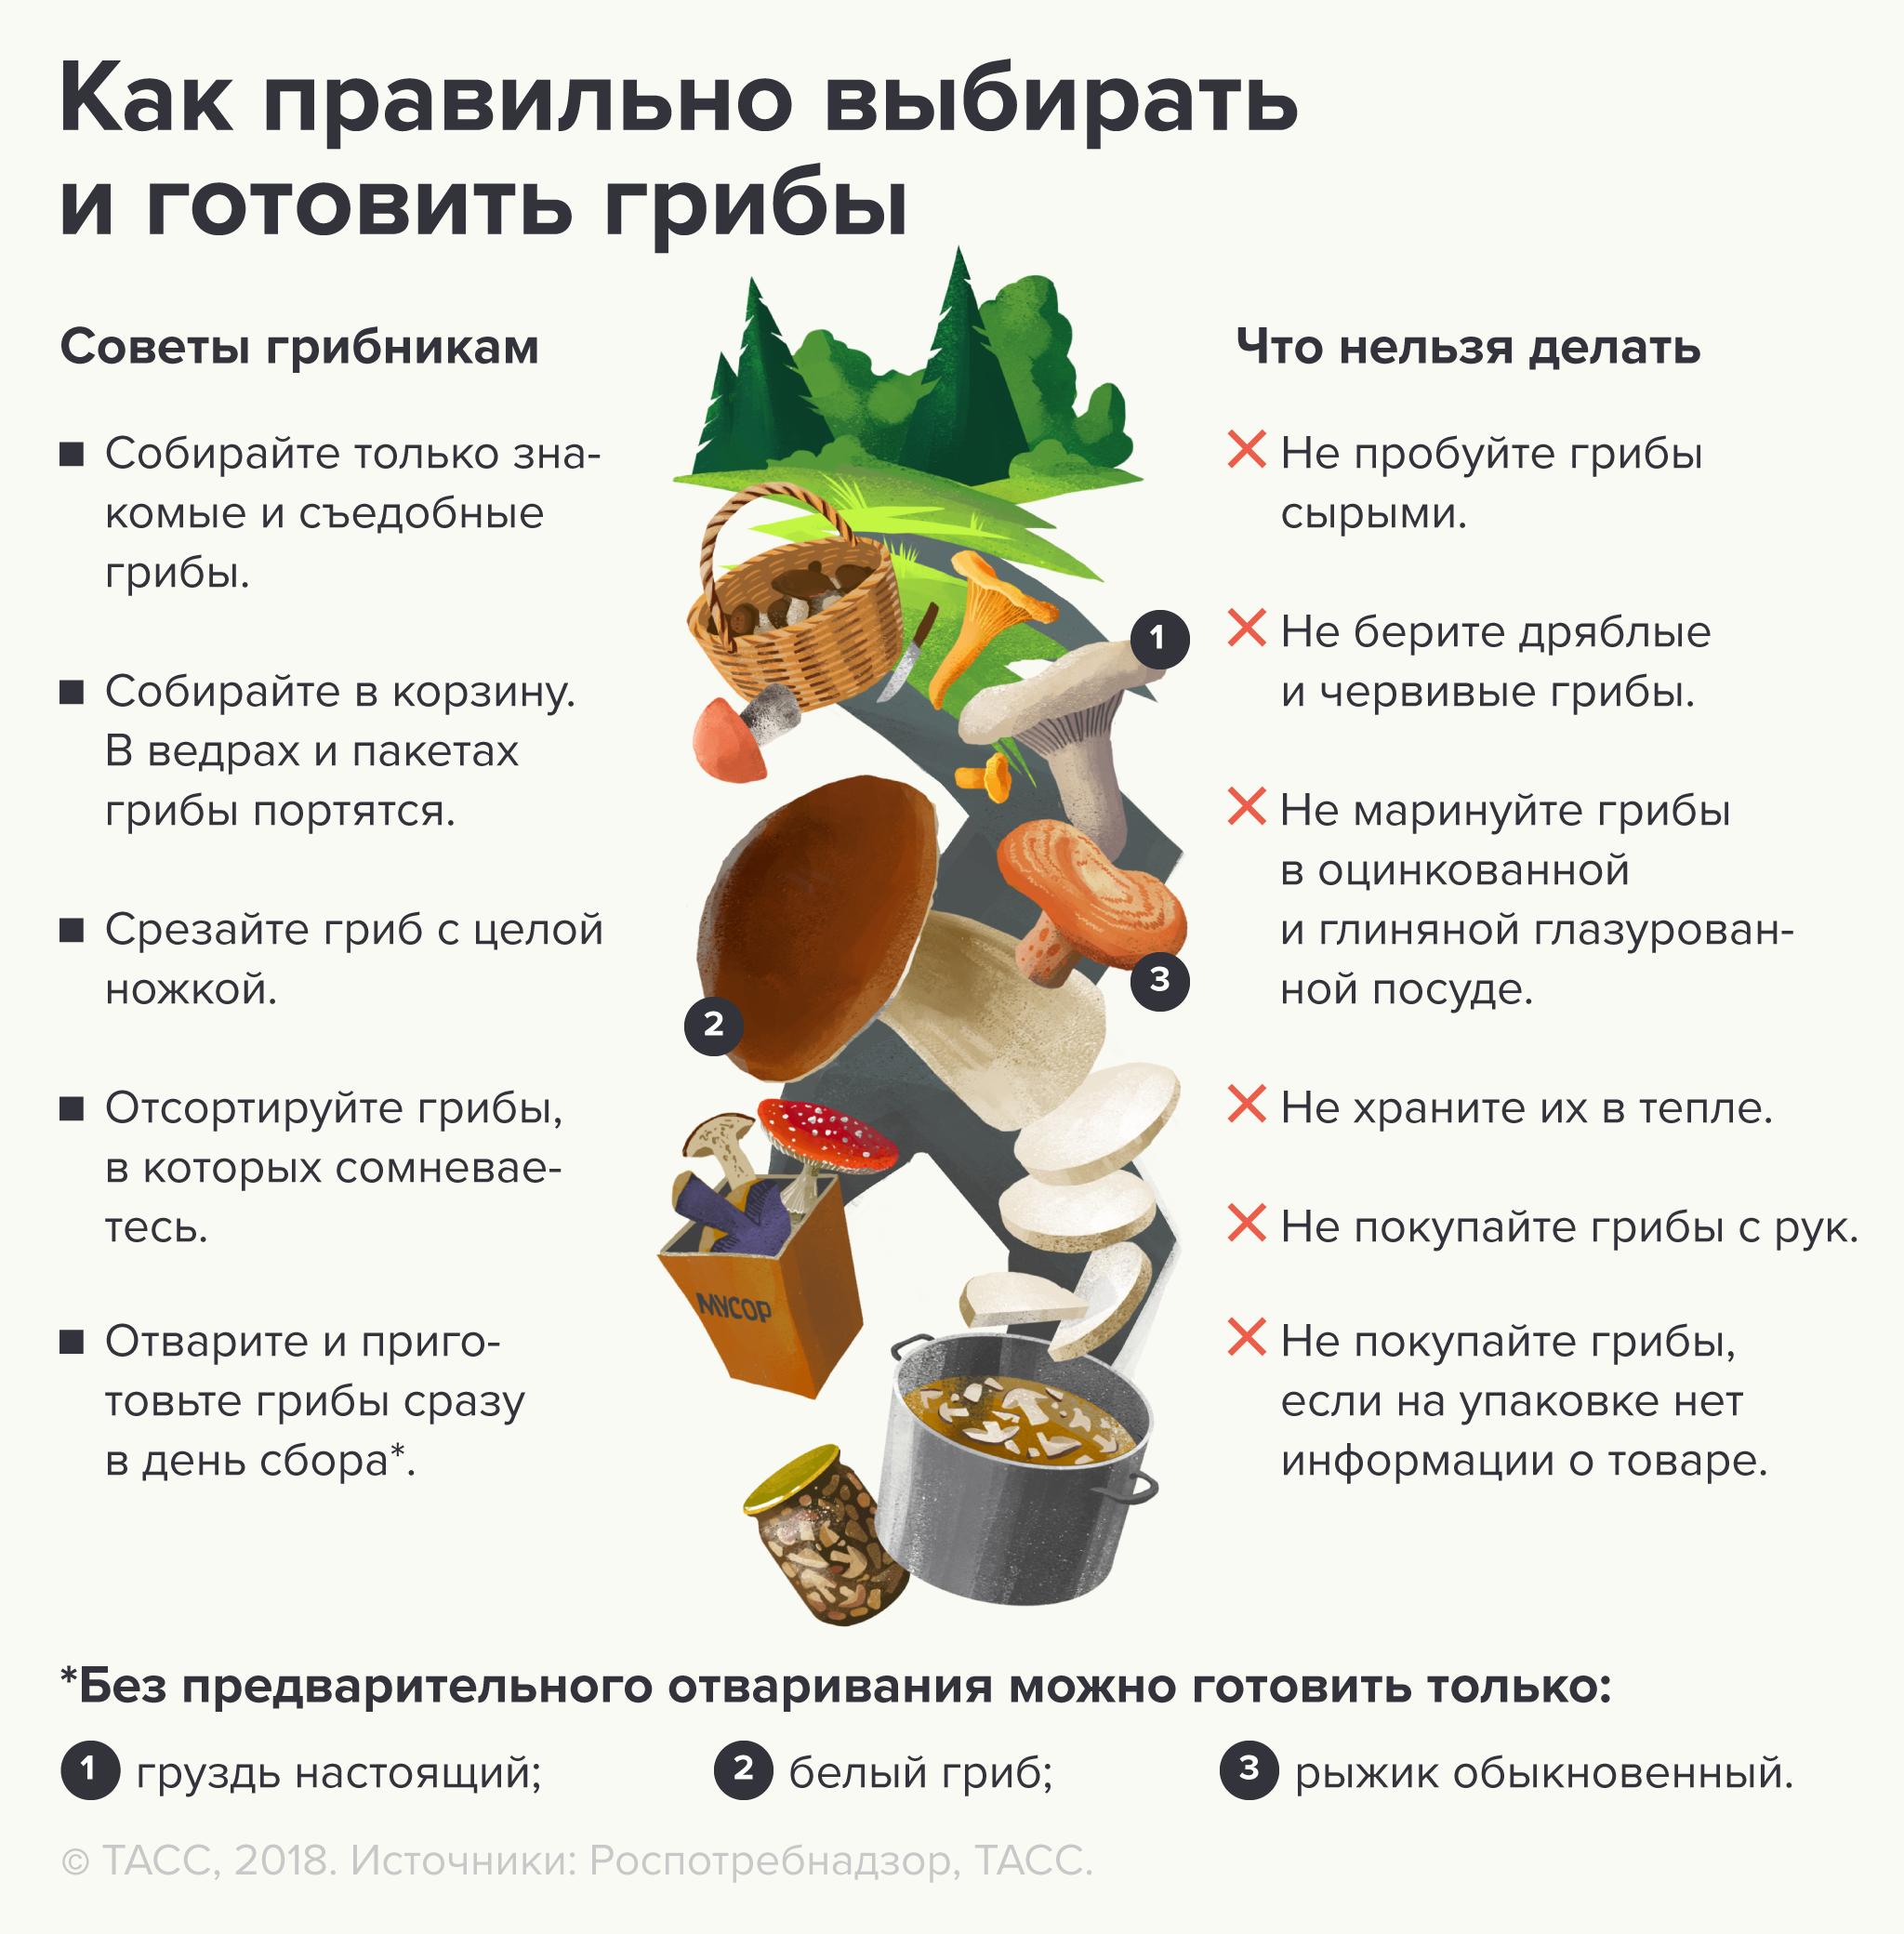 Как выбирать и готовить грибы